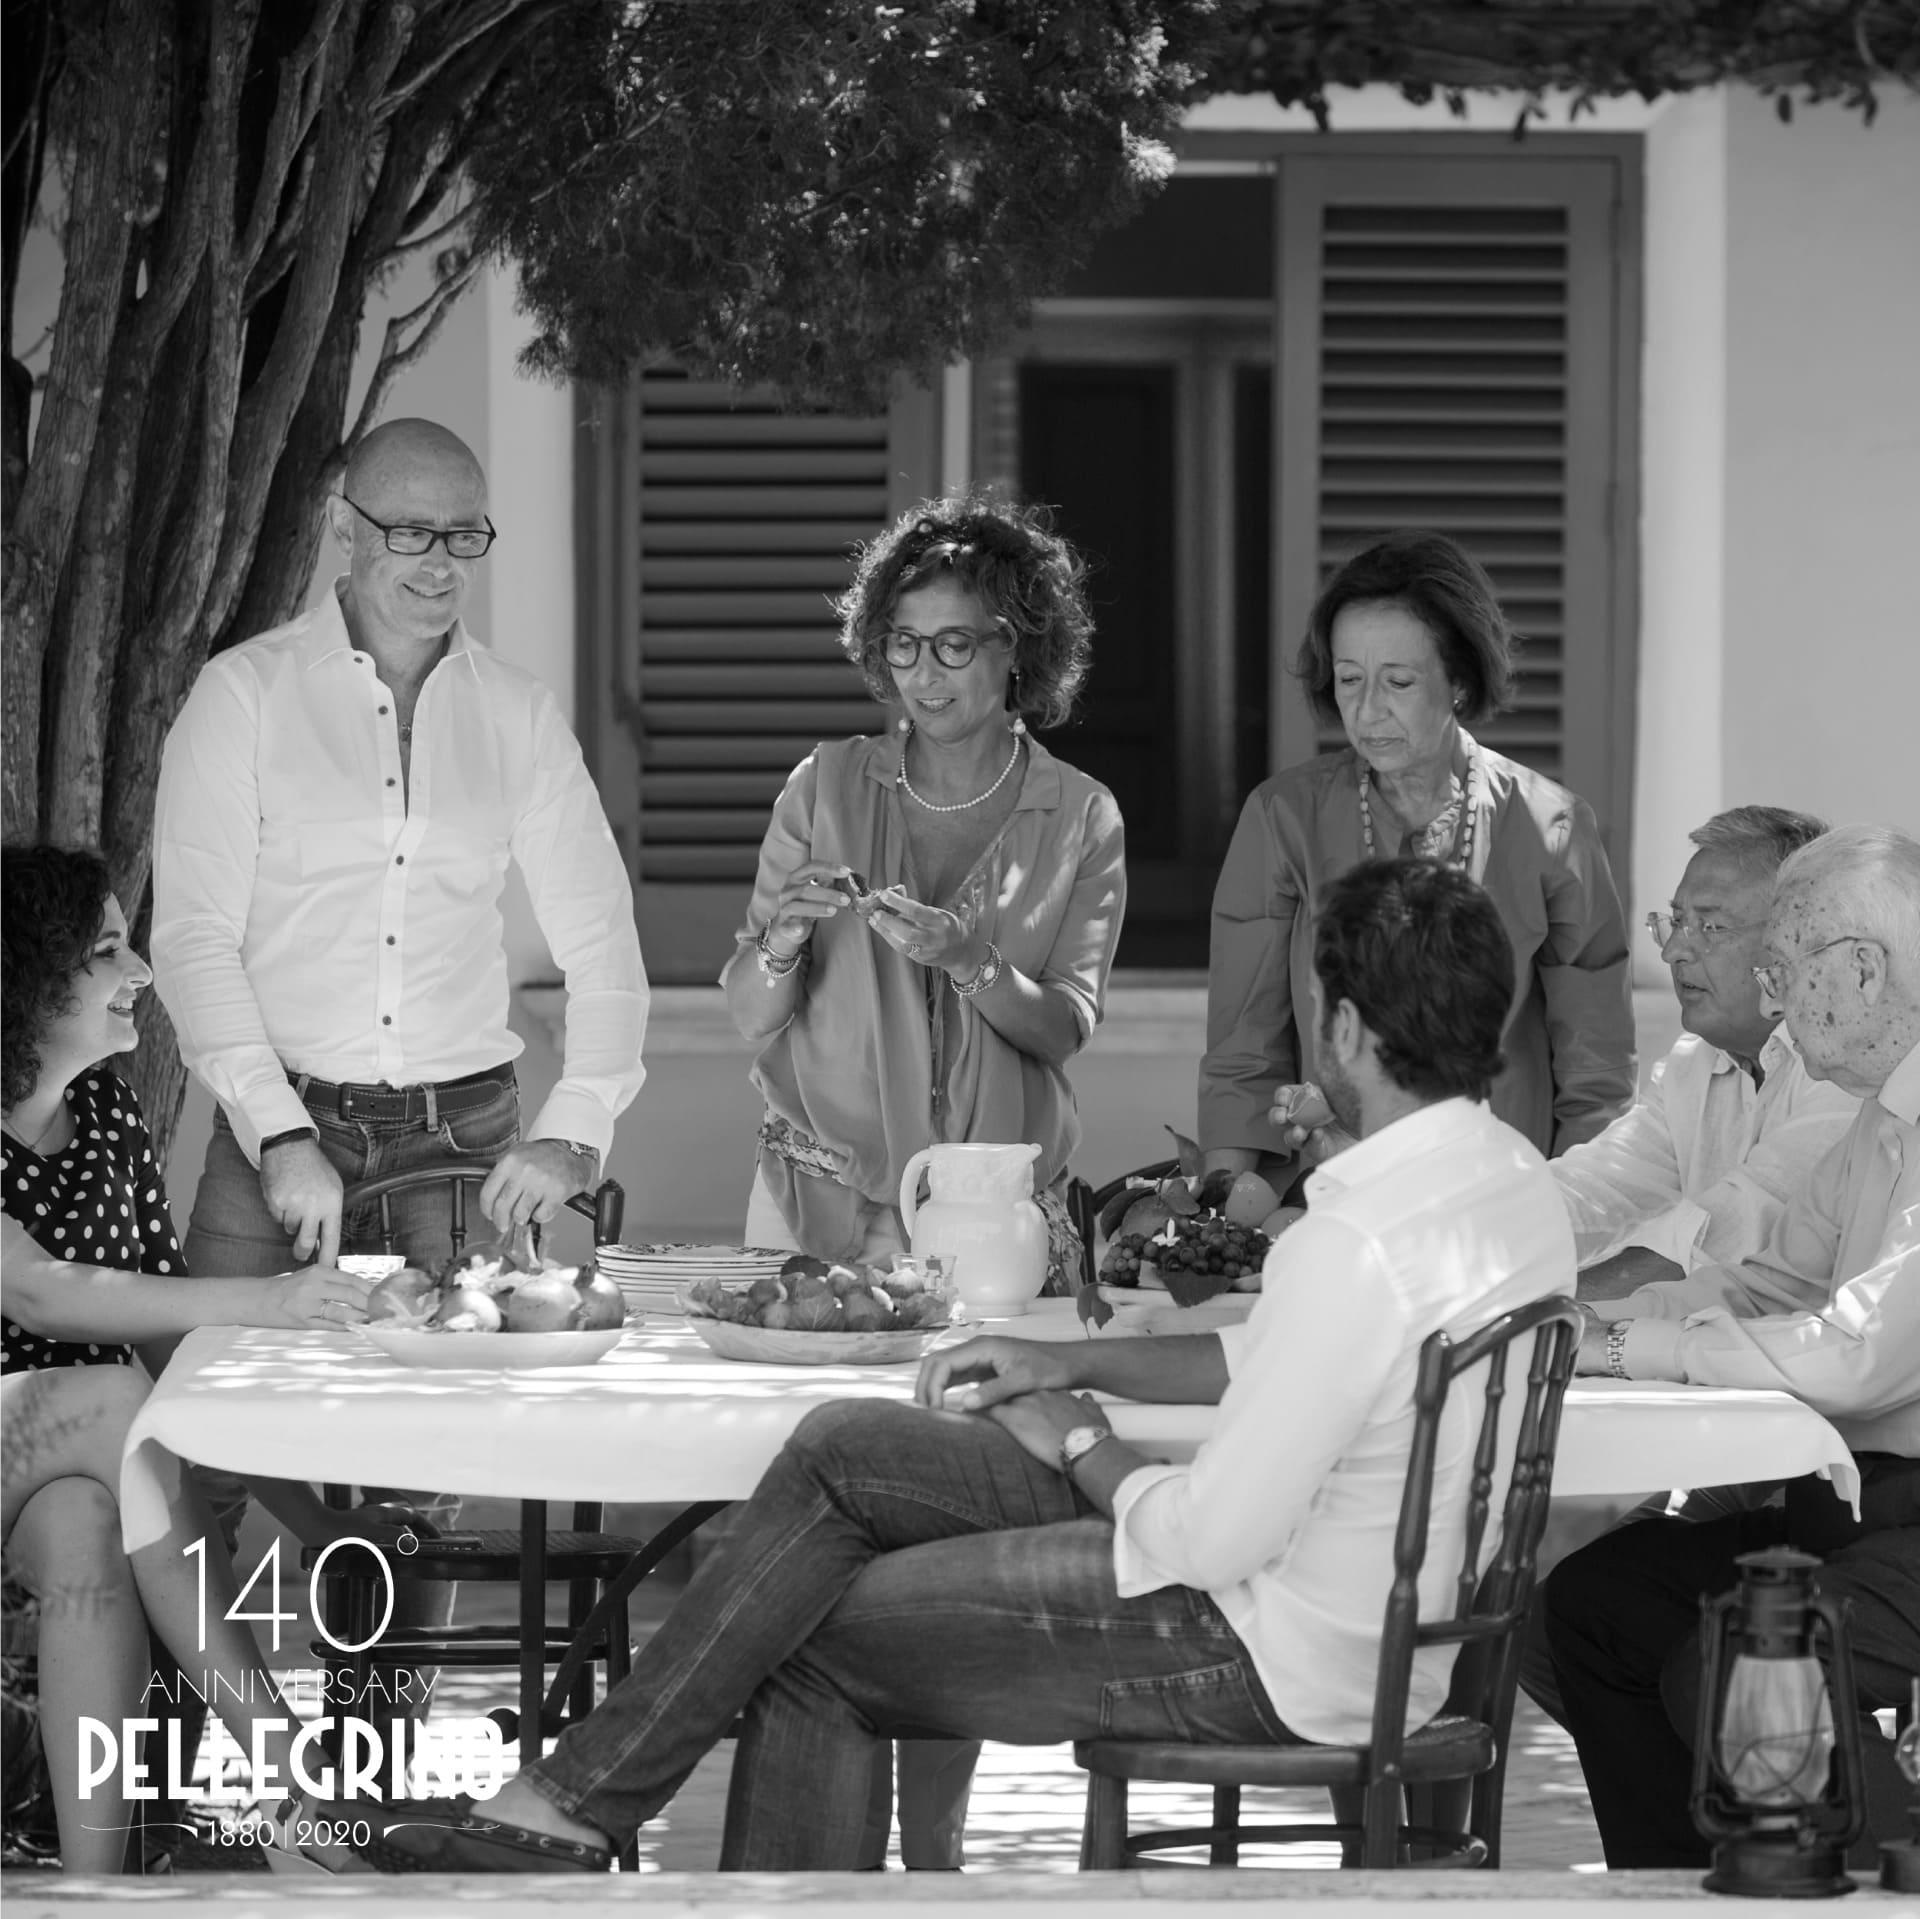 Le Cantine Pellegrino, storica casa siciliana fondata nel 1880, compiono i loro primi 140 anni | Sicilia da Gustare